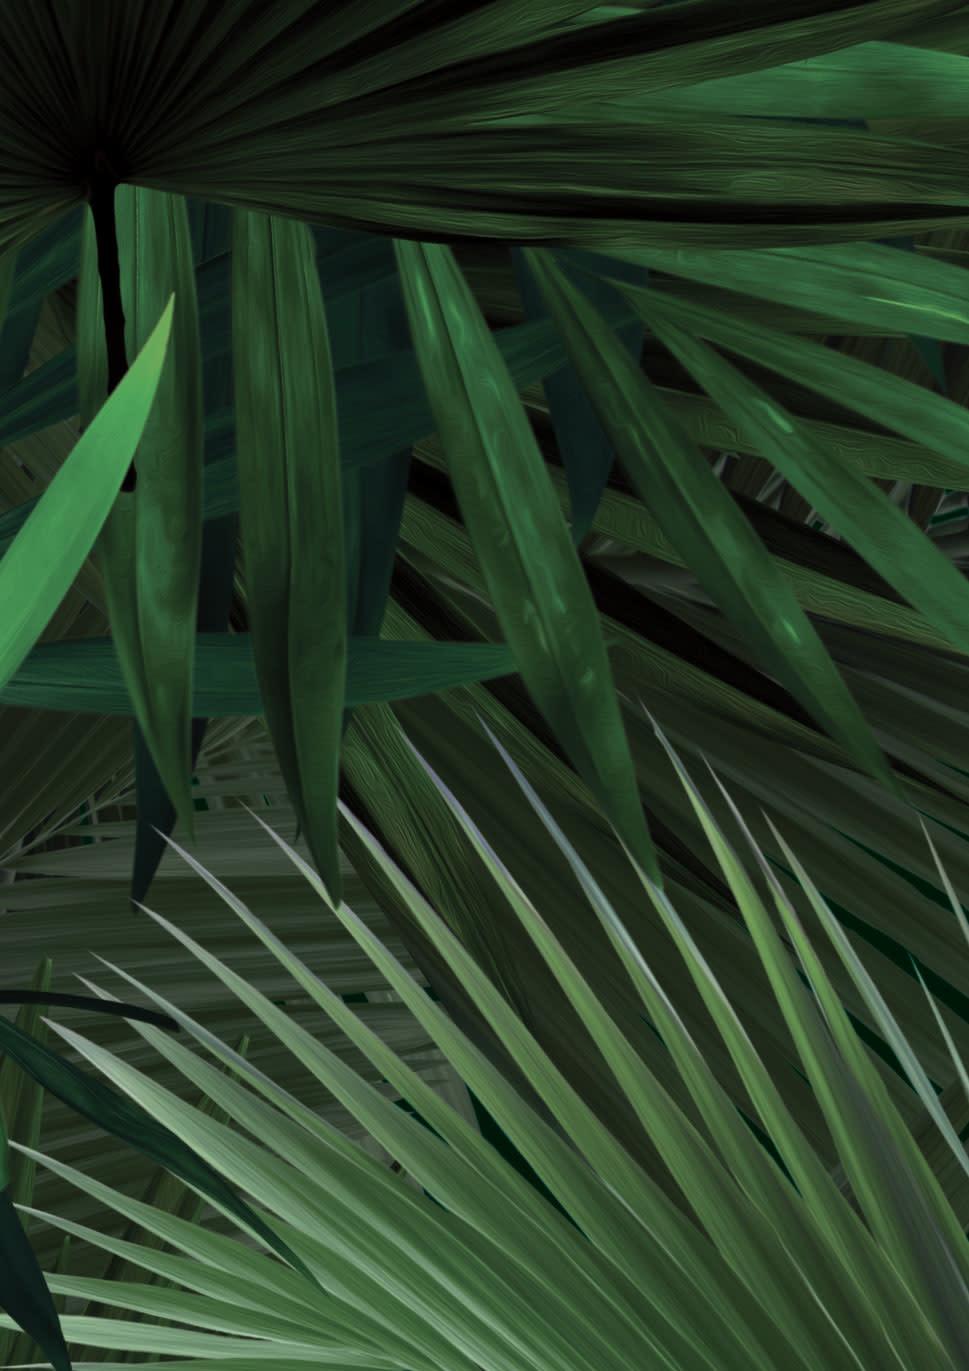 Behang Palm - 97.4 x 280-1